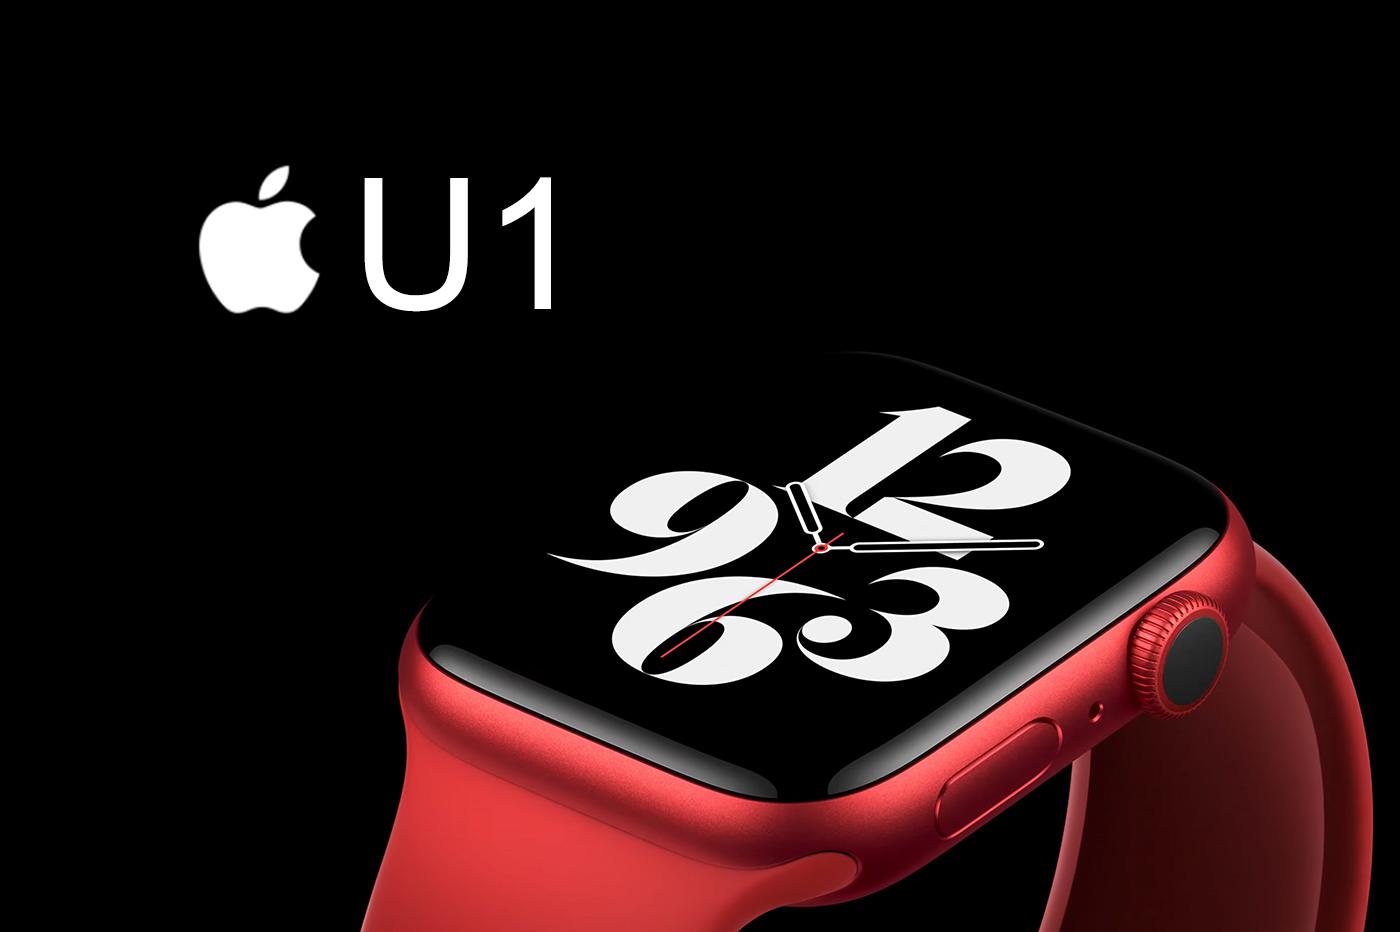 Apple U1